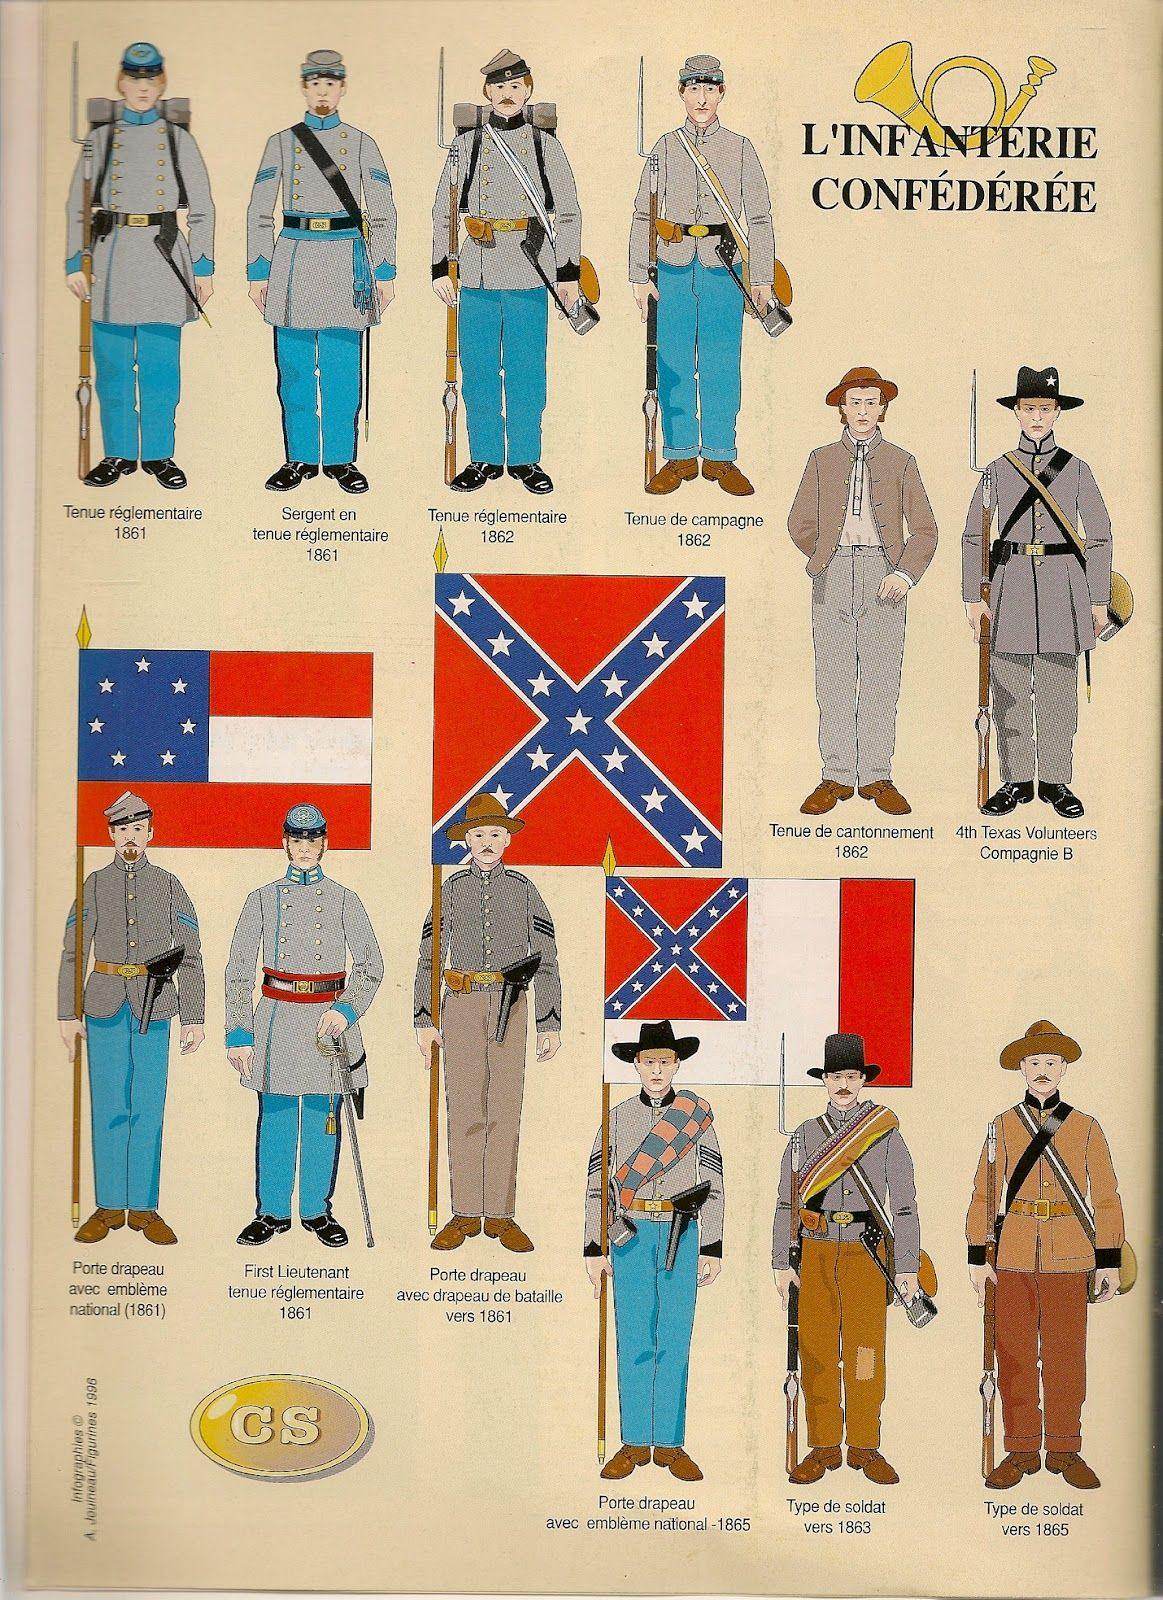 Uniformes | Civil War | Pinterest | Uniformes, Guerra y Guerras civiles